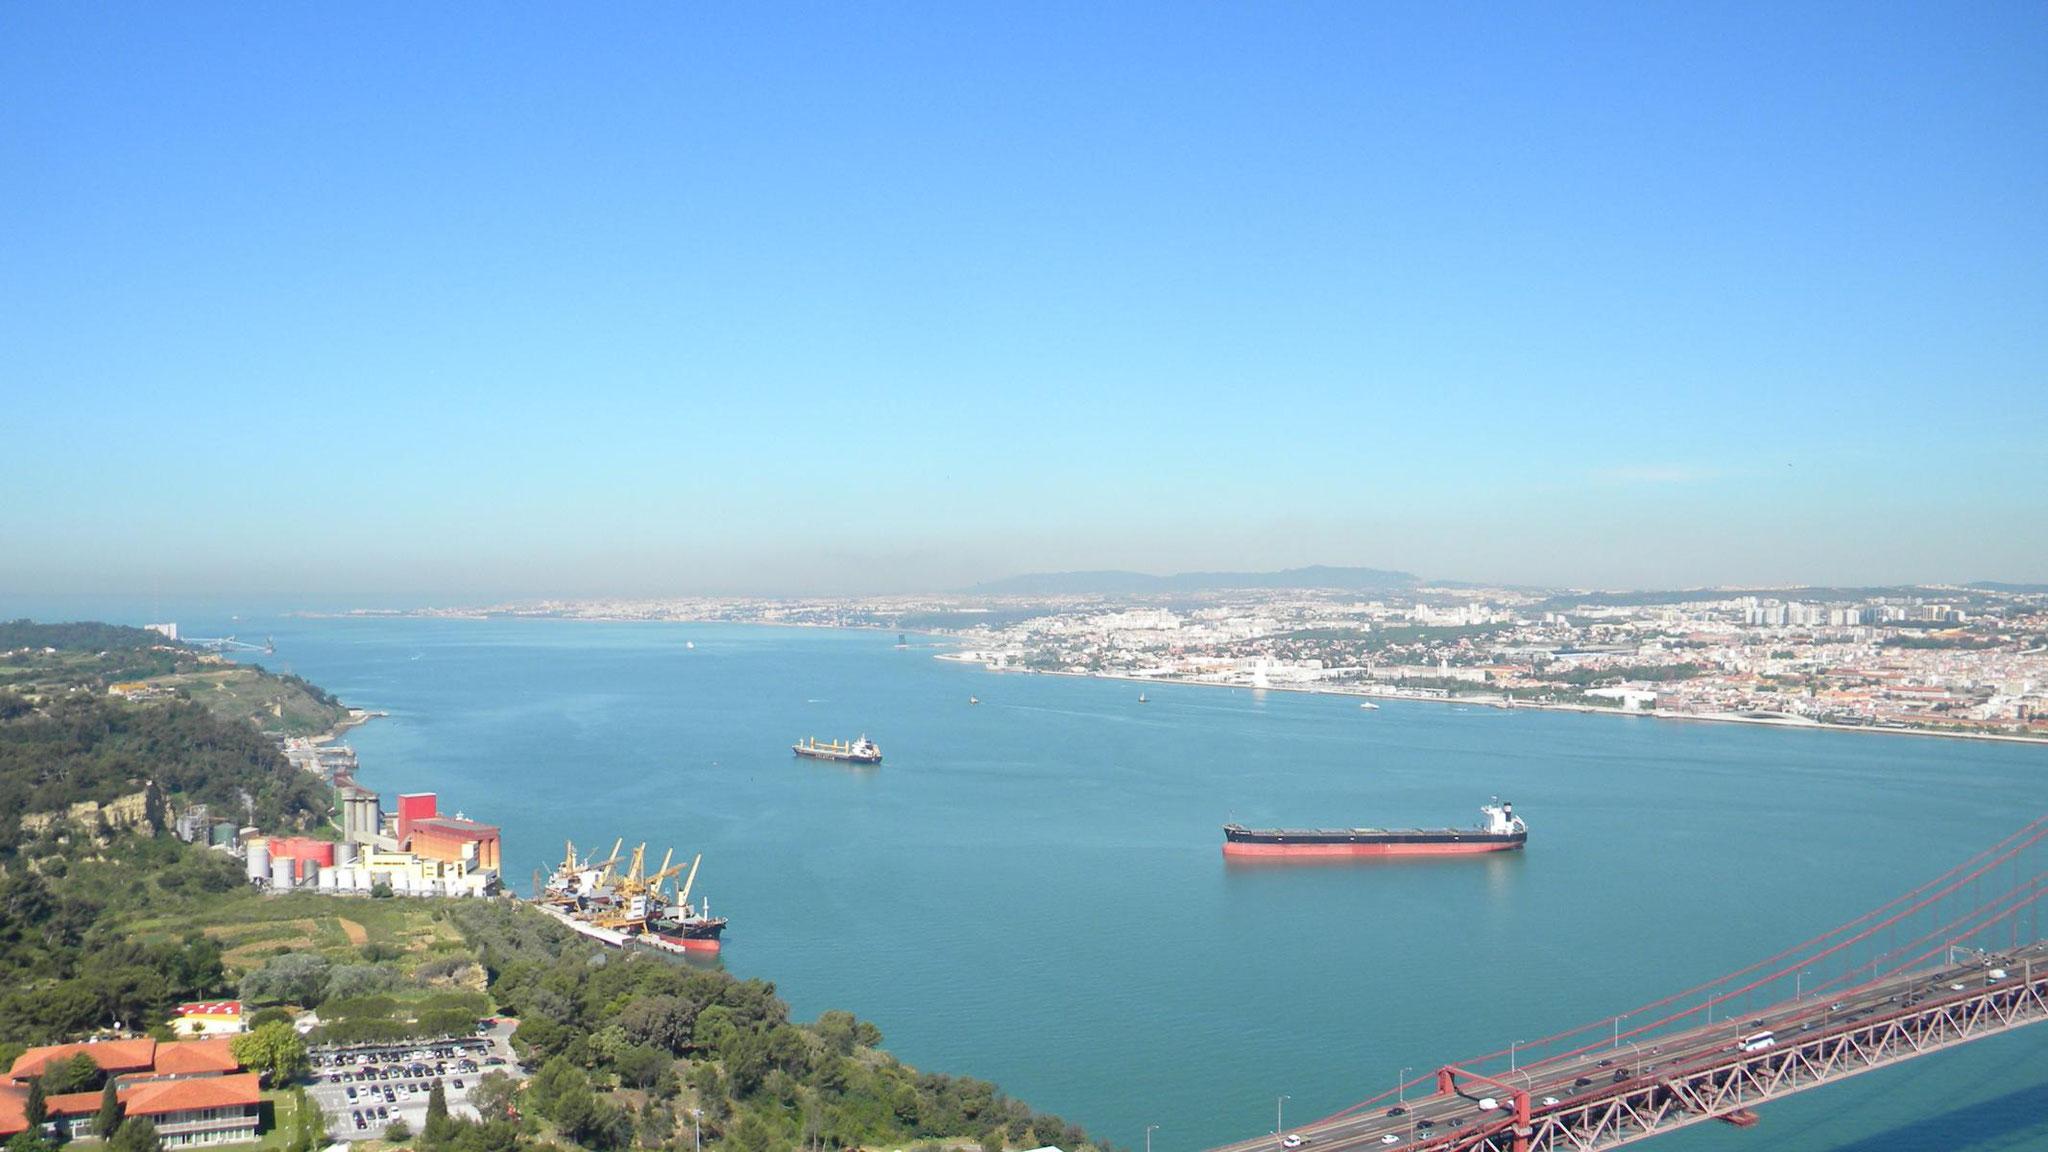 Blick zur Mündung des Tejo in den Atlantik